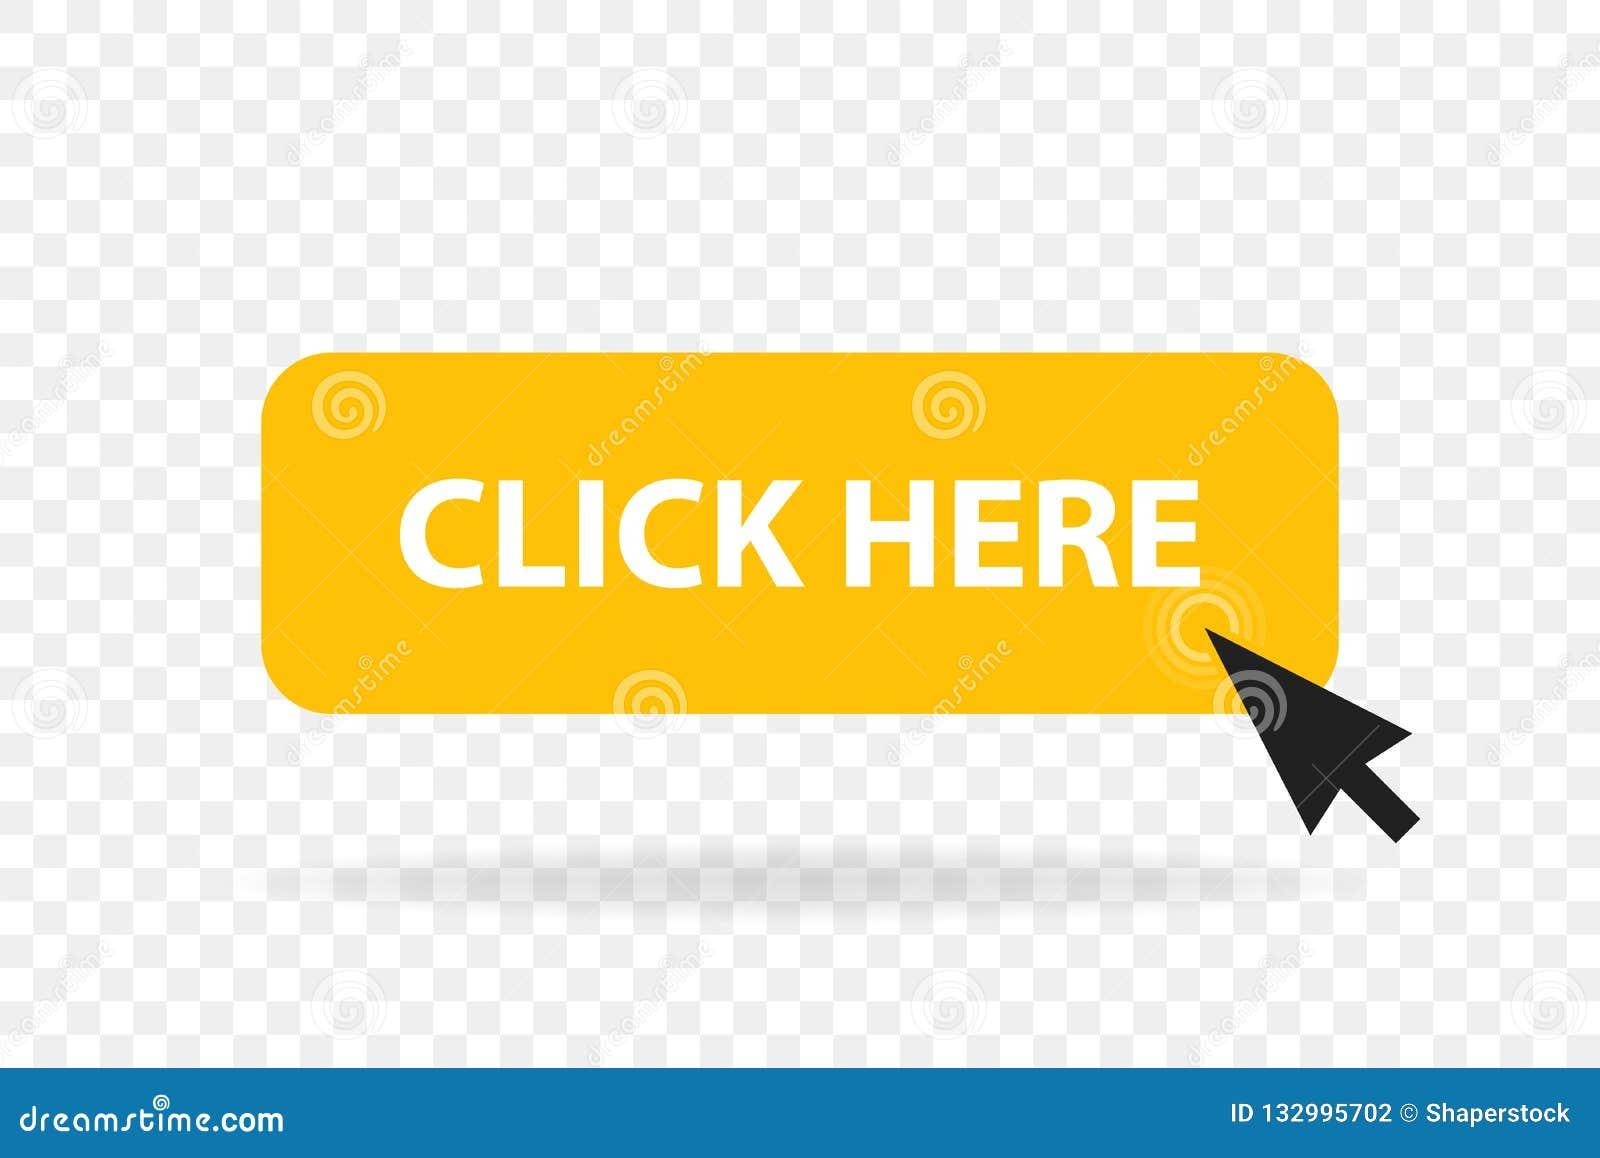 Click web button template. Vector yellow bar, computer mouse click here cursor